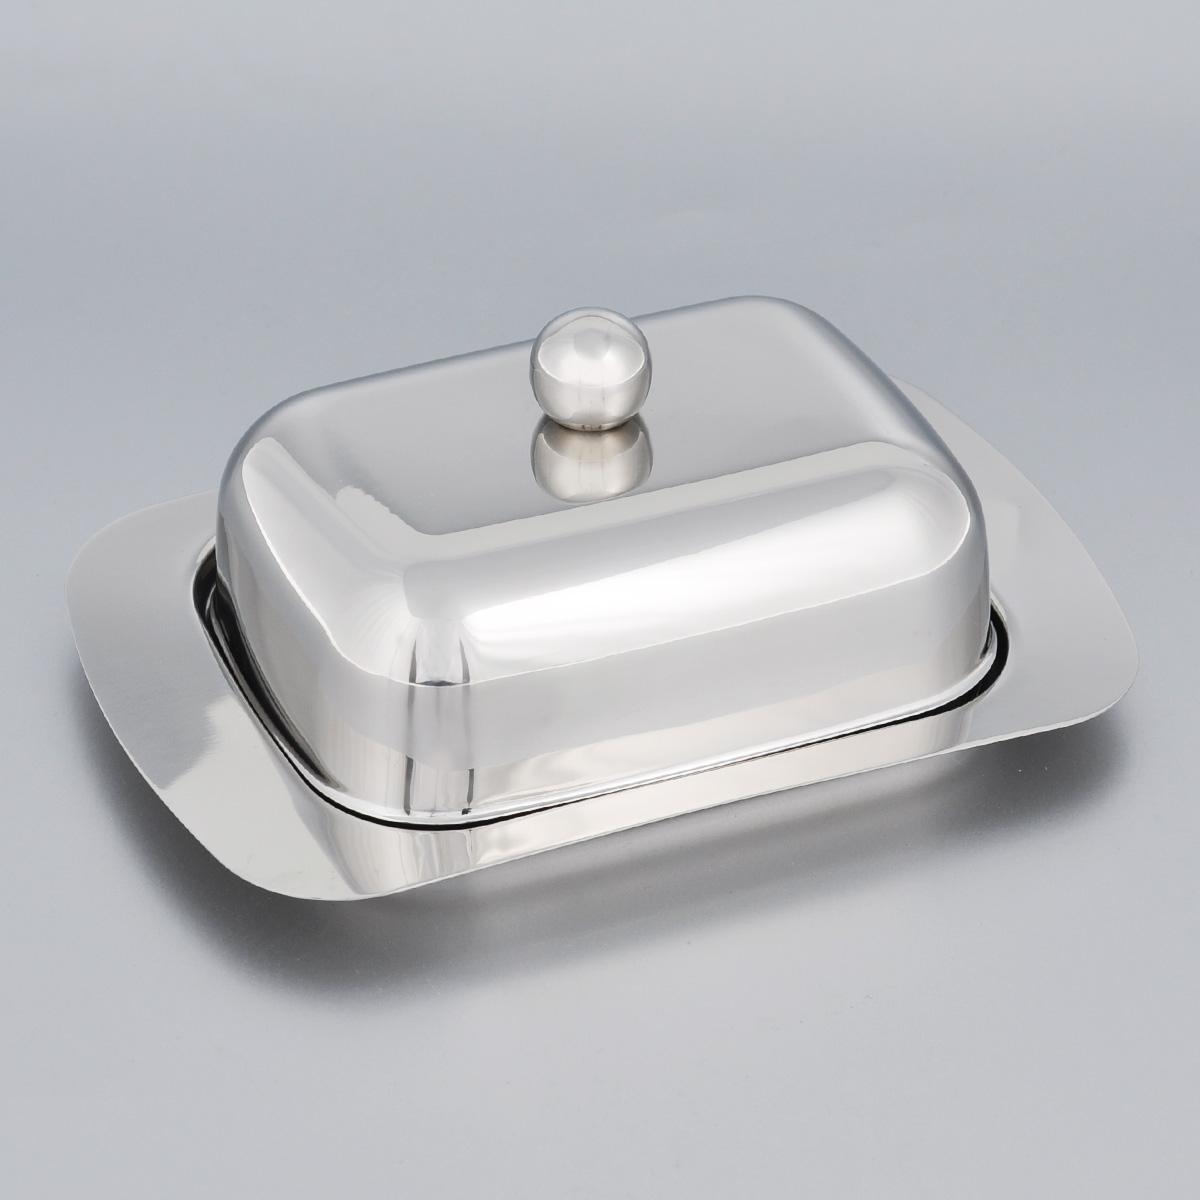 Масленка Mayer & Boch. 34243424Масленка Mayer & Boch, изготовленная из высококачественной нержавеющей стали, предназначена для красивой сервировки и хранения масла. Она состоит из подноса и крышки с ручкой. Масло в ней долго остается свежим, а при хранении в холодильнике не впитывает посторонние запахи. Гладкая поверхность обеспечивает легкую чистку. Можно мыть в посудомоечной машине.Размер подноса: 18,5 см х 12 см х 2 см.Размер крышки: 13,5 см х 10 см х 6 см.